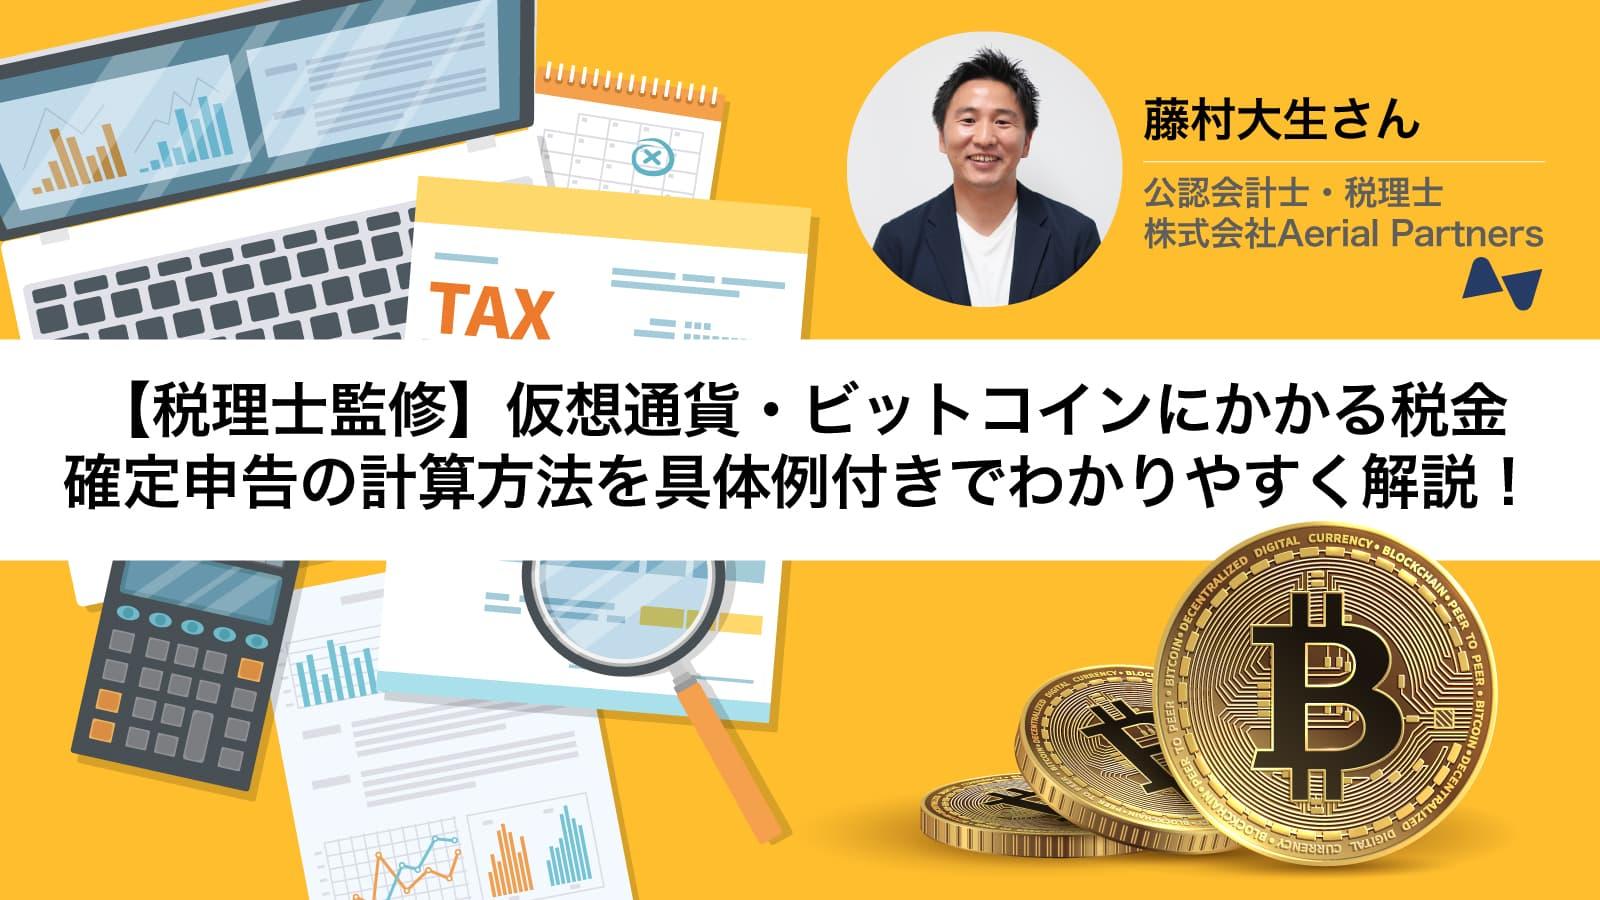 【税理士監修】仮想通貨・ビットコインにかかる税金|確定申告の計算方法を具体例付きでわかりやすく解説!